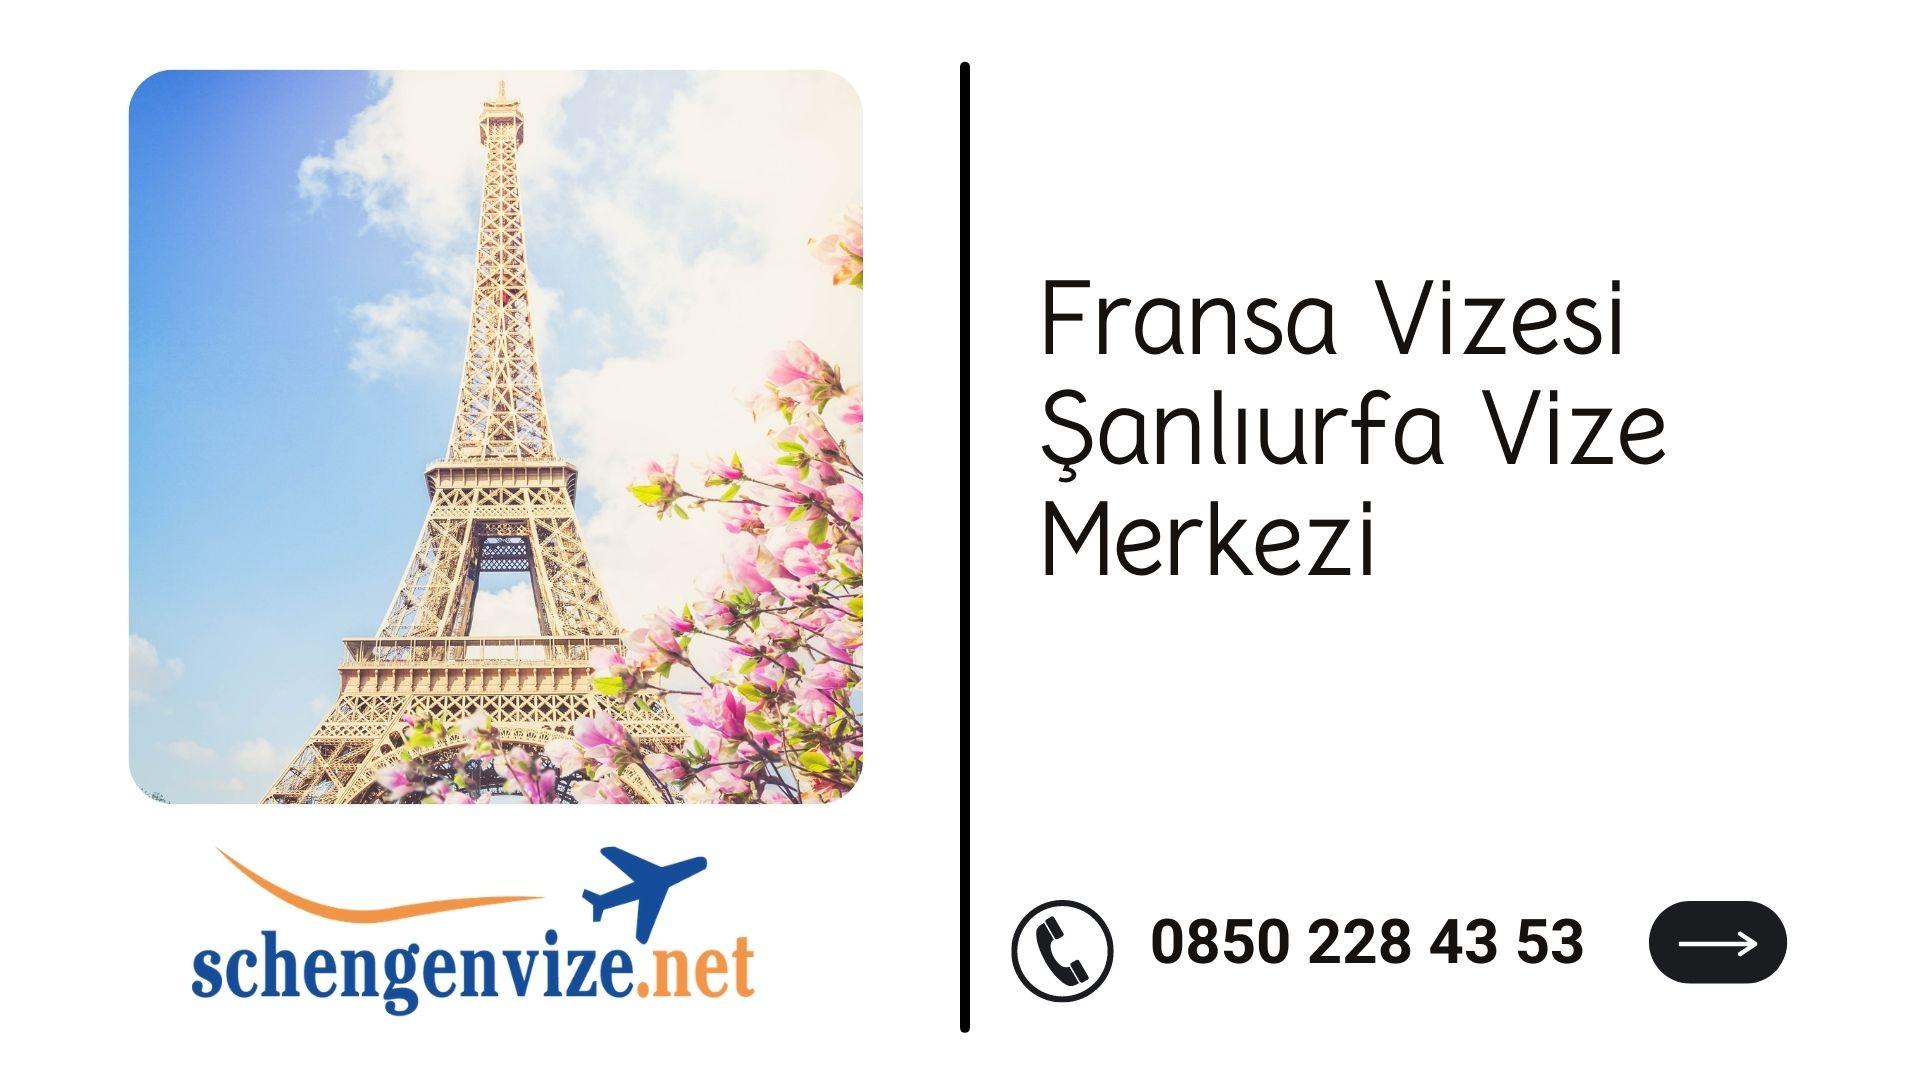 Fransa Vizesi Şanlıurfa Vize Merkezi